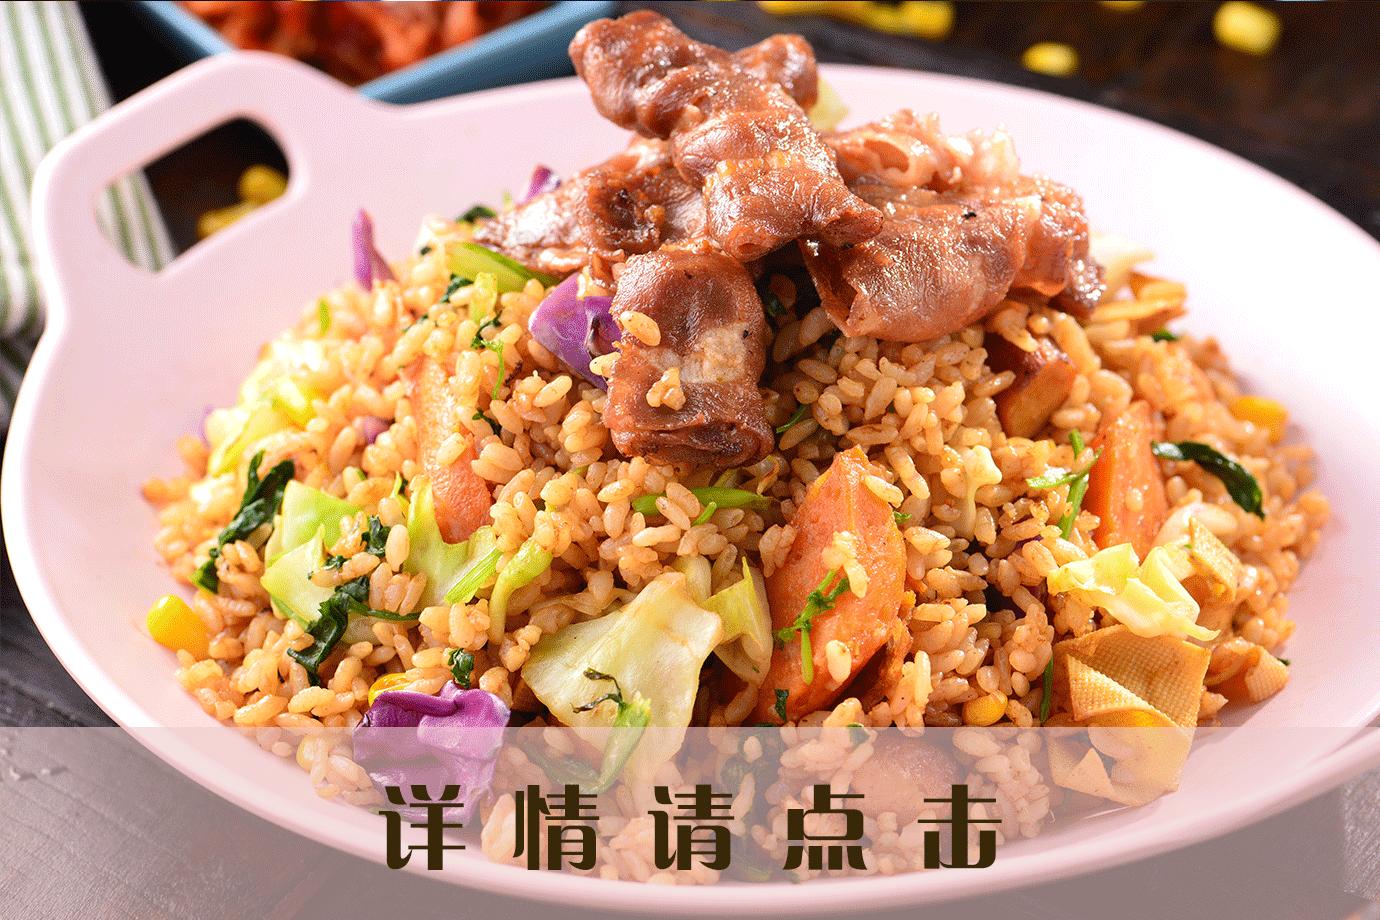 黑胡椒火锅肥牛串炒饭